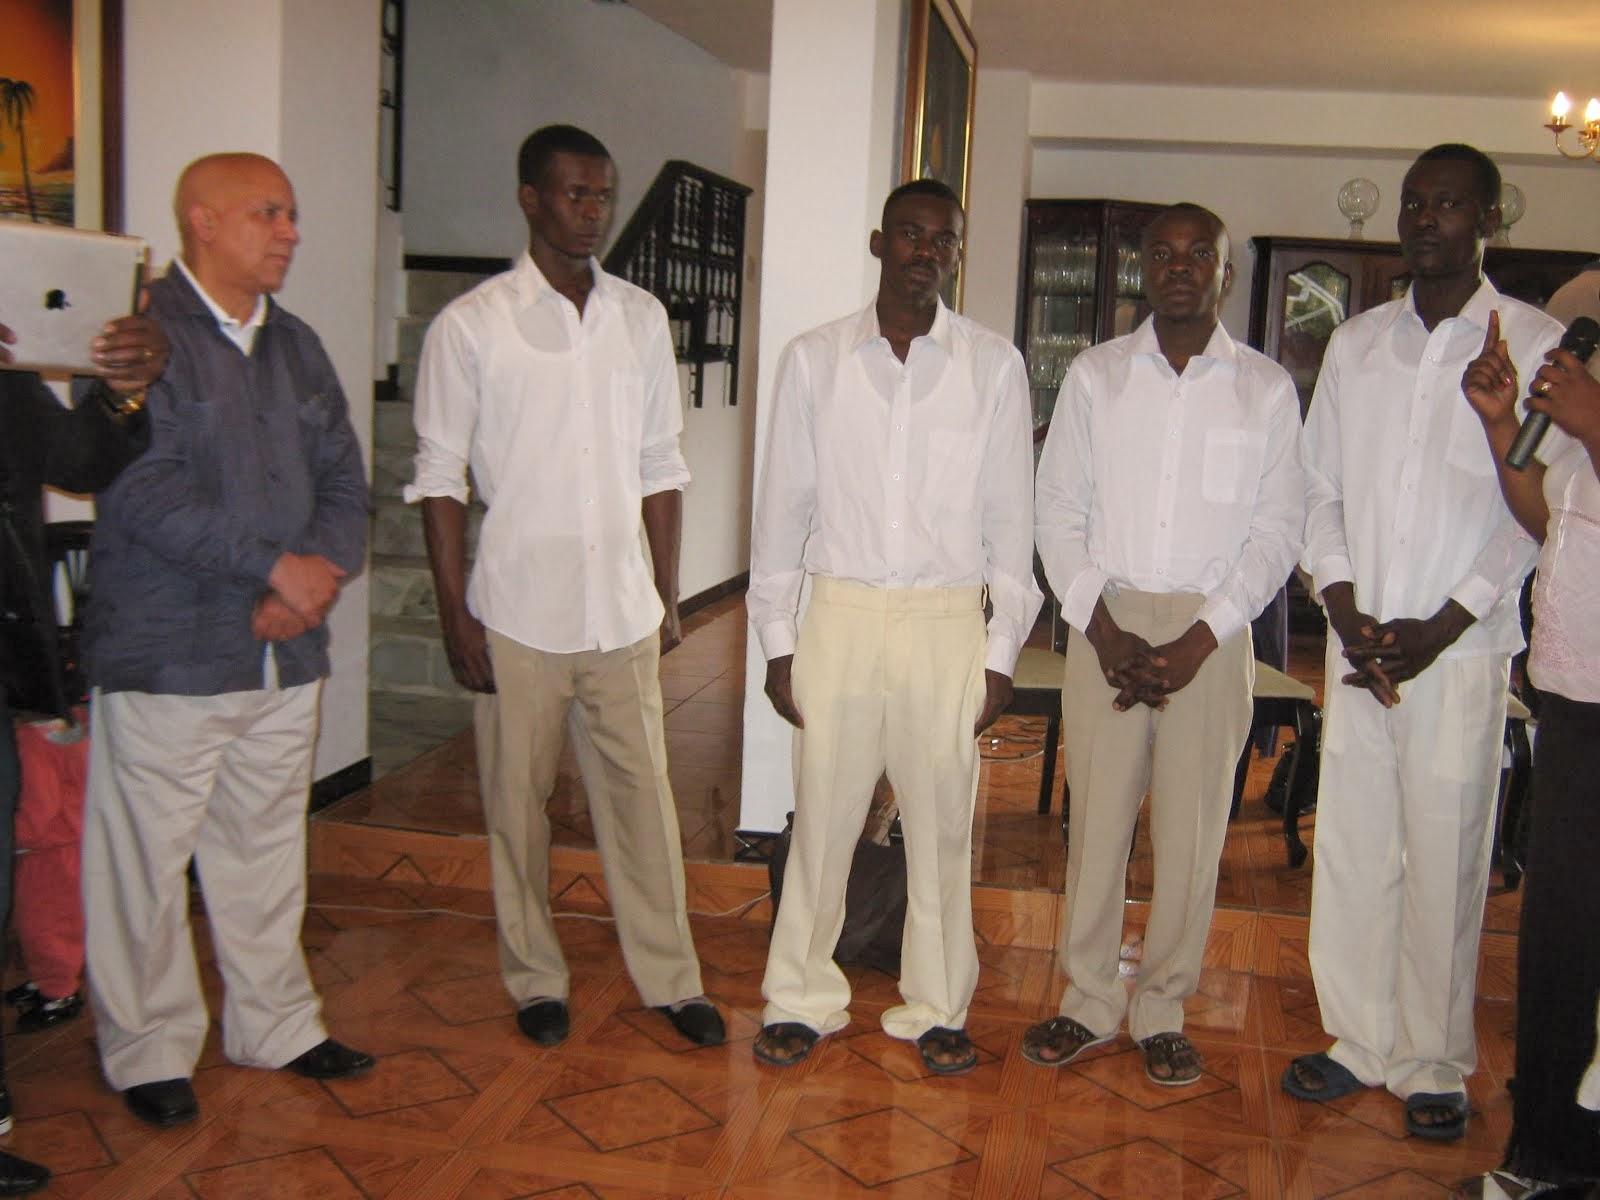 BAUTISMOS DE IGLESIA CRISTIANA HAITIANA DE QUITO